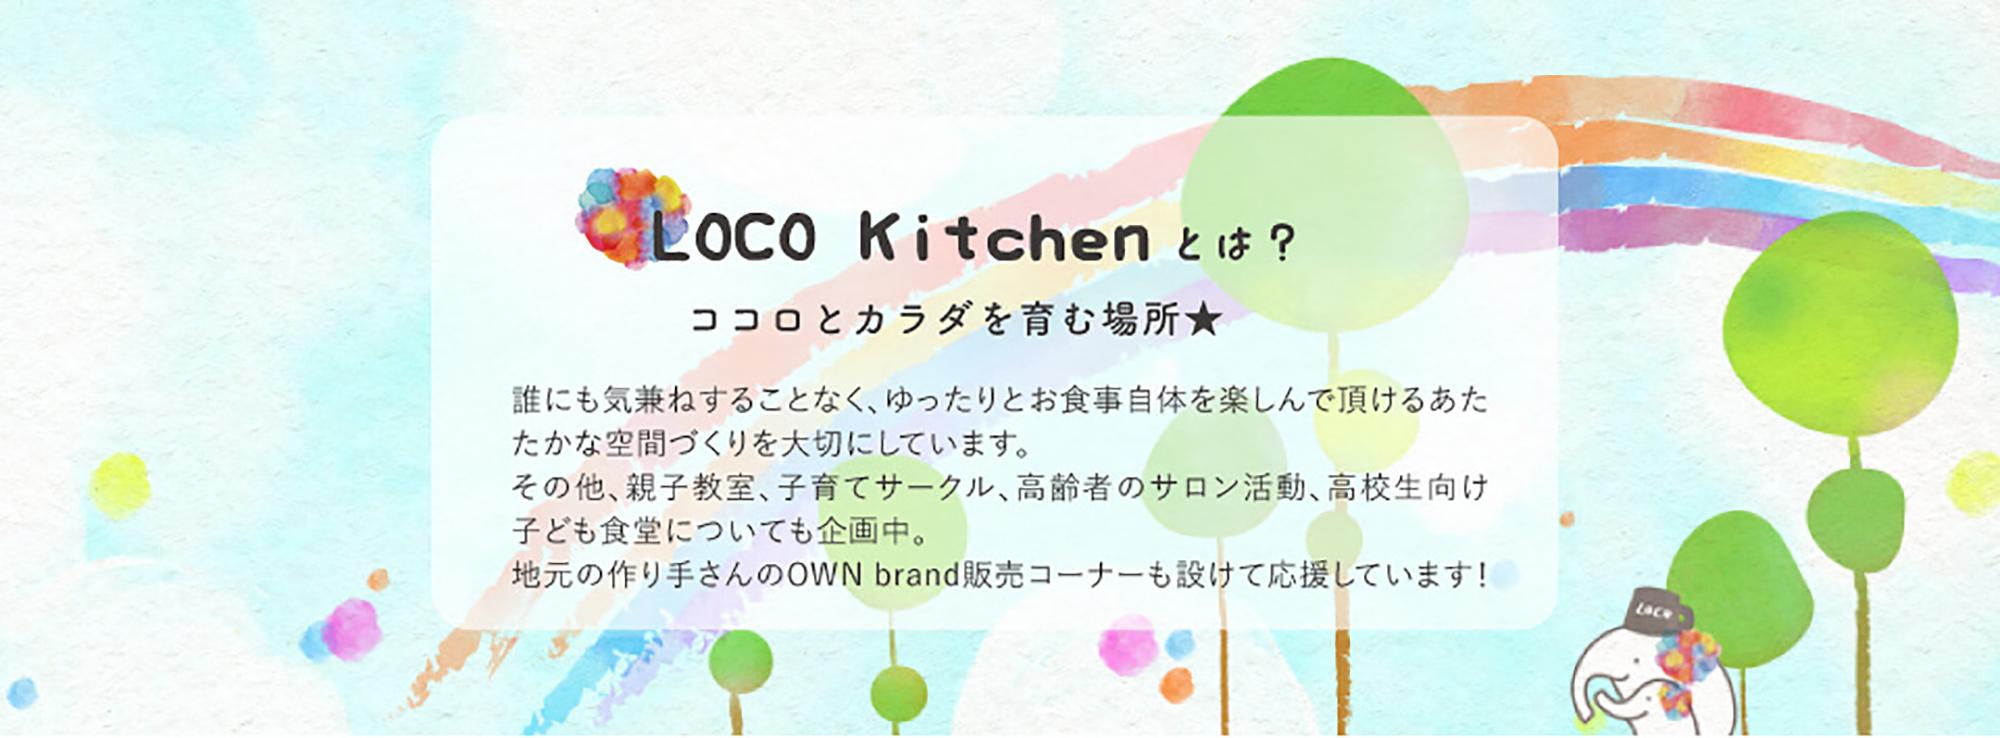 loco キッチンについて